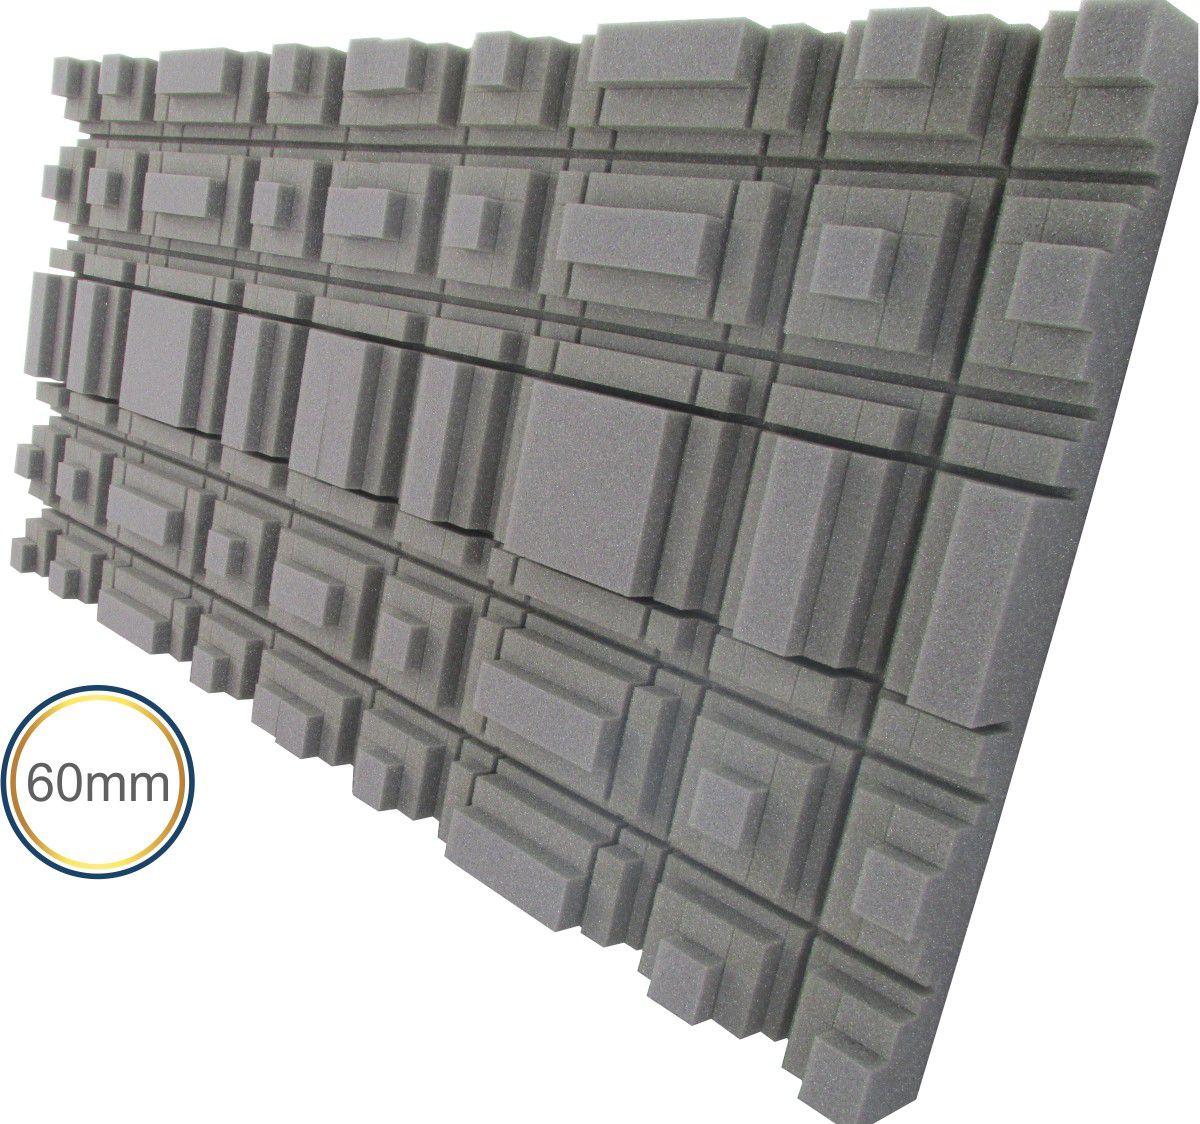 Espuma acústica Difusor - L - Kit 4 peças - (1m²)  - Loja SPL Acústica